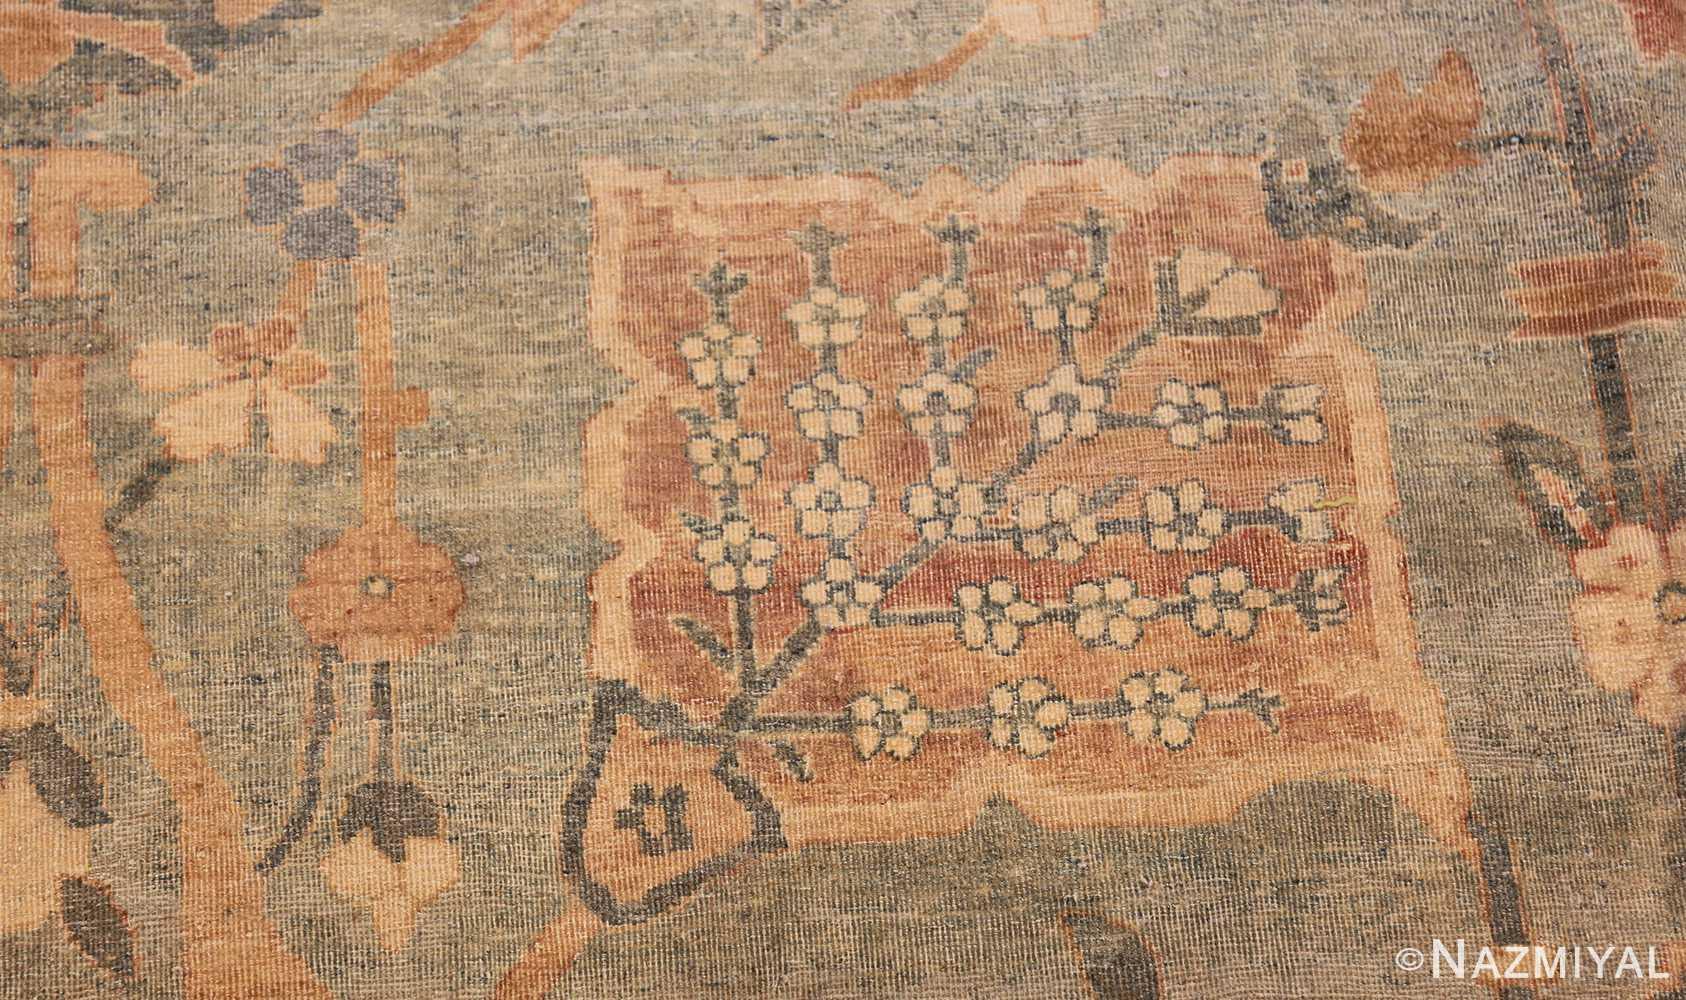 intricate vase design antique persian kerman rug 47410 tiny Nazmiyal